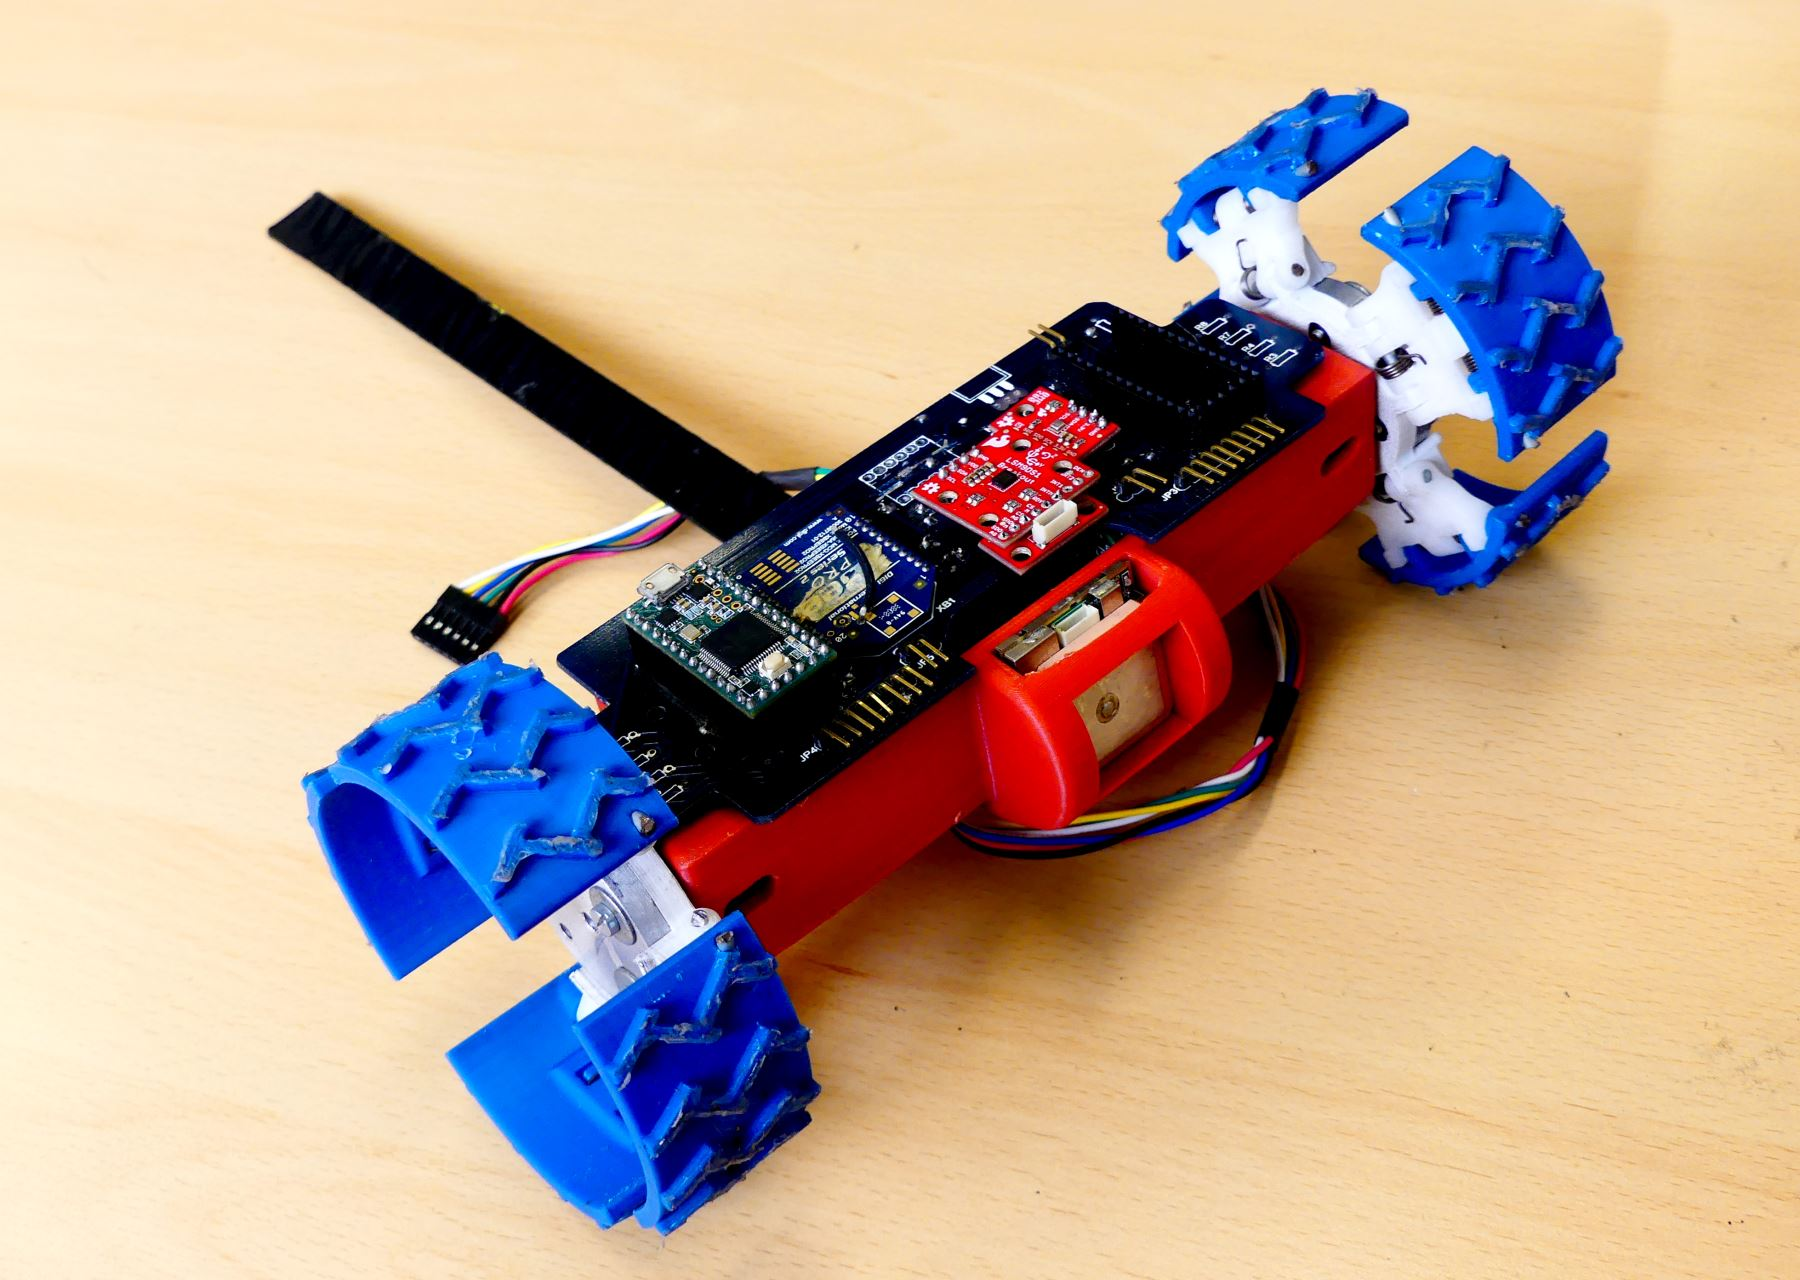 Prototipo Cansat Rover con el que estudiantes peruanos lograron el segundo puesto en competencia aeroespacial internacional. Foto: Andina/Difusión